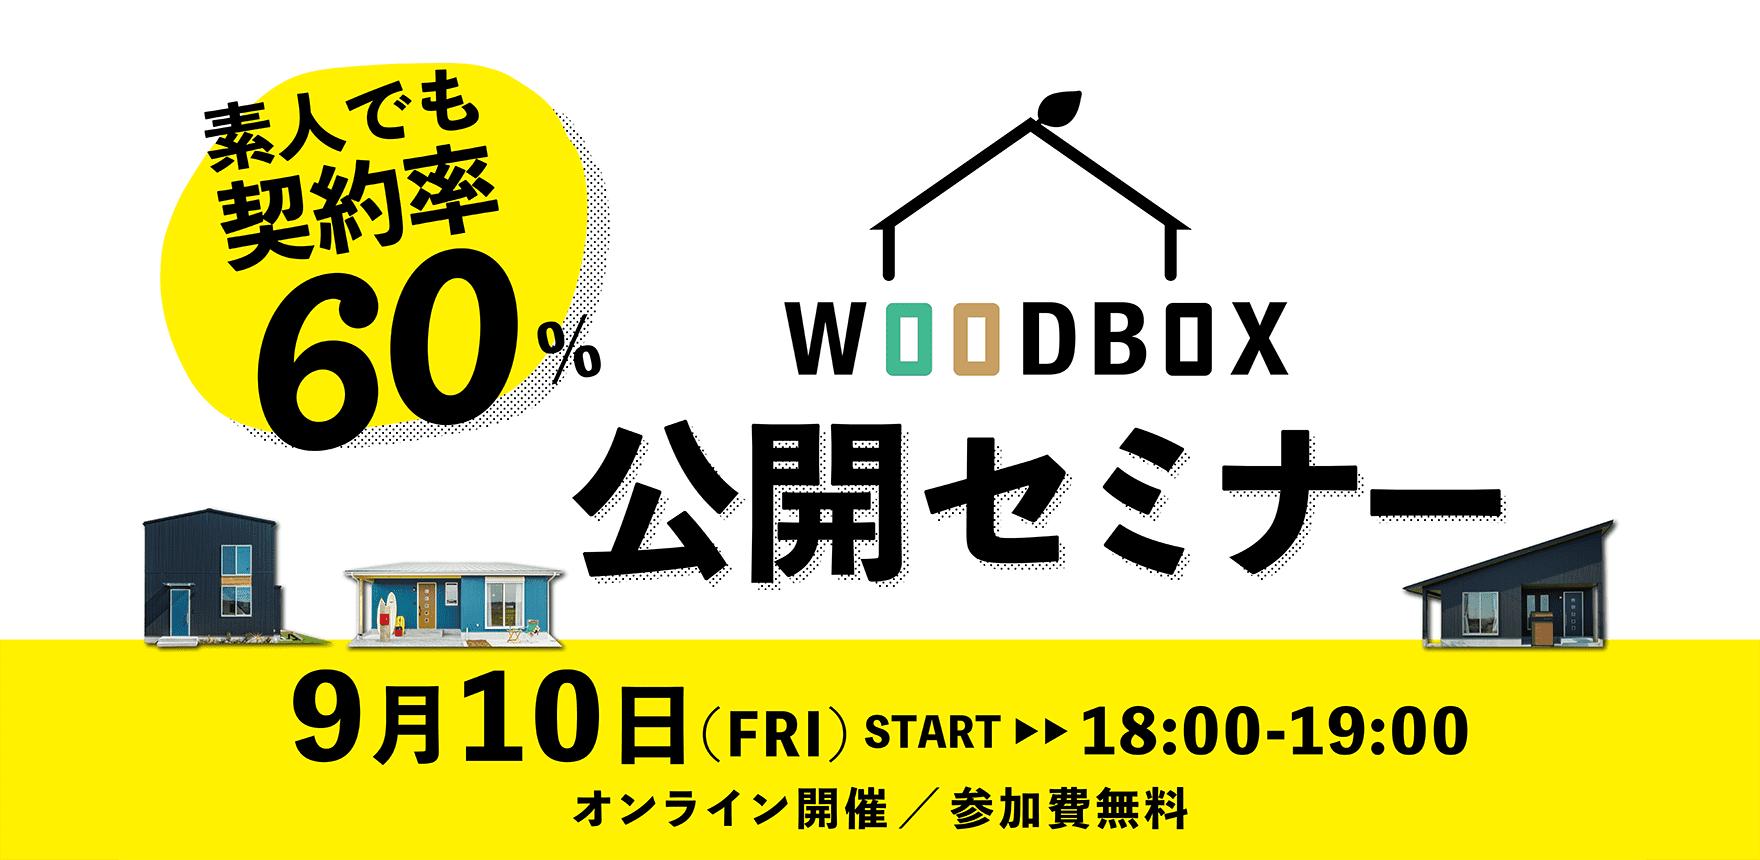 2021.9.10 素人でも契約率60% WOODBOX公開セミナー